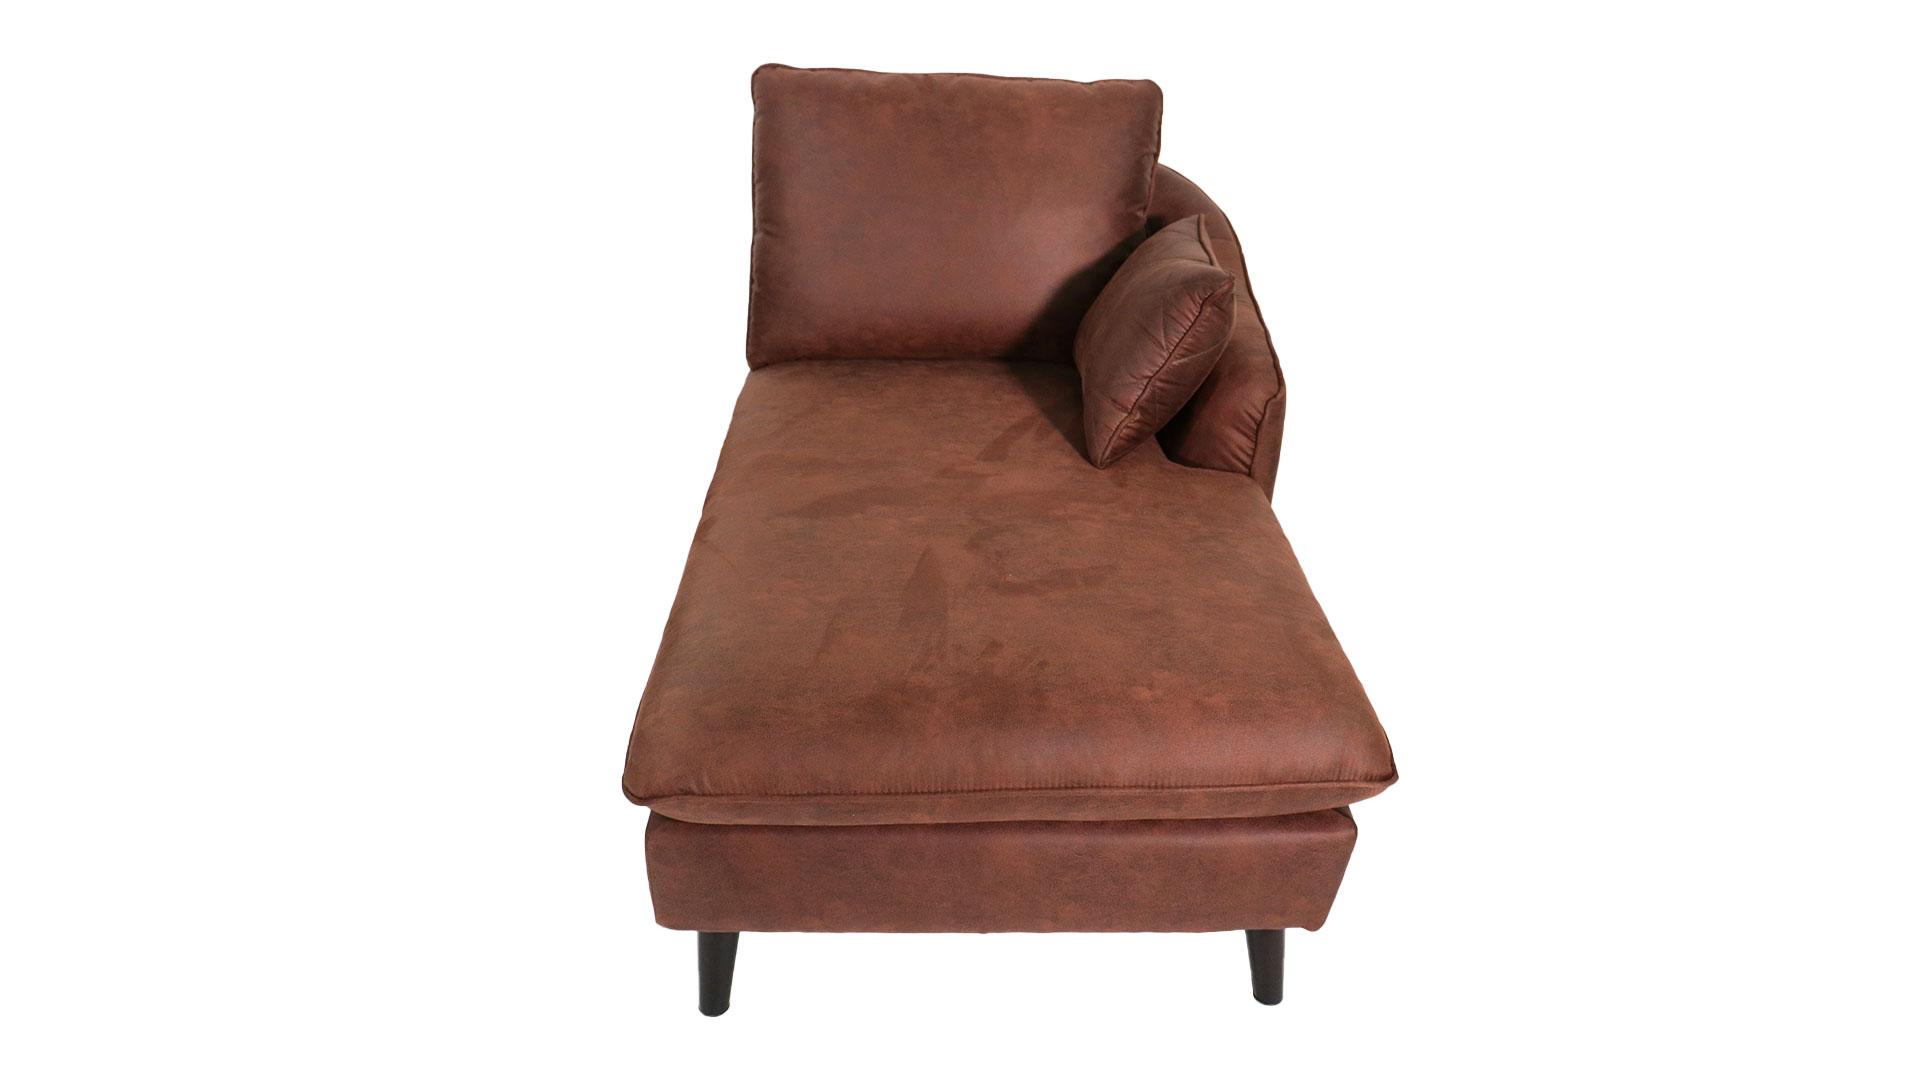 ゆったりと座れるask-inのカウチソファ「モラレス」の左肘カウチの正面の画像